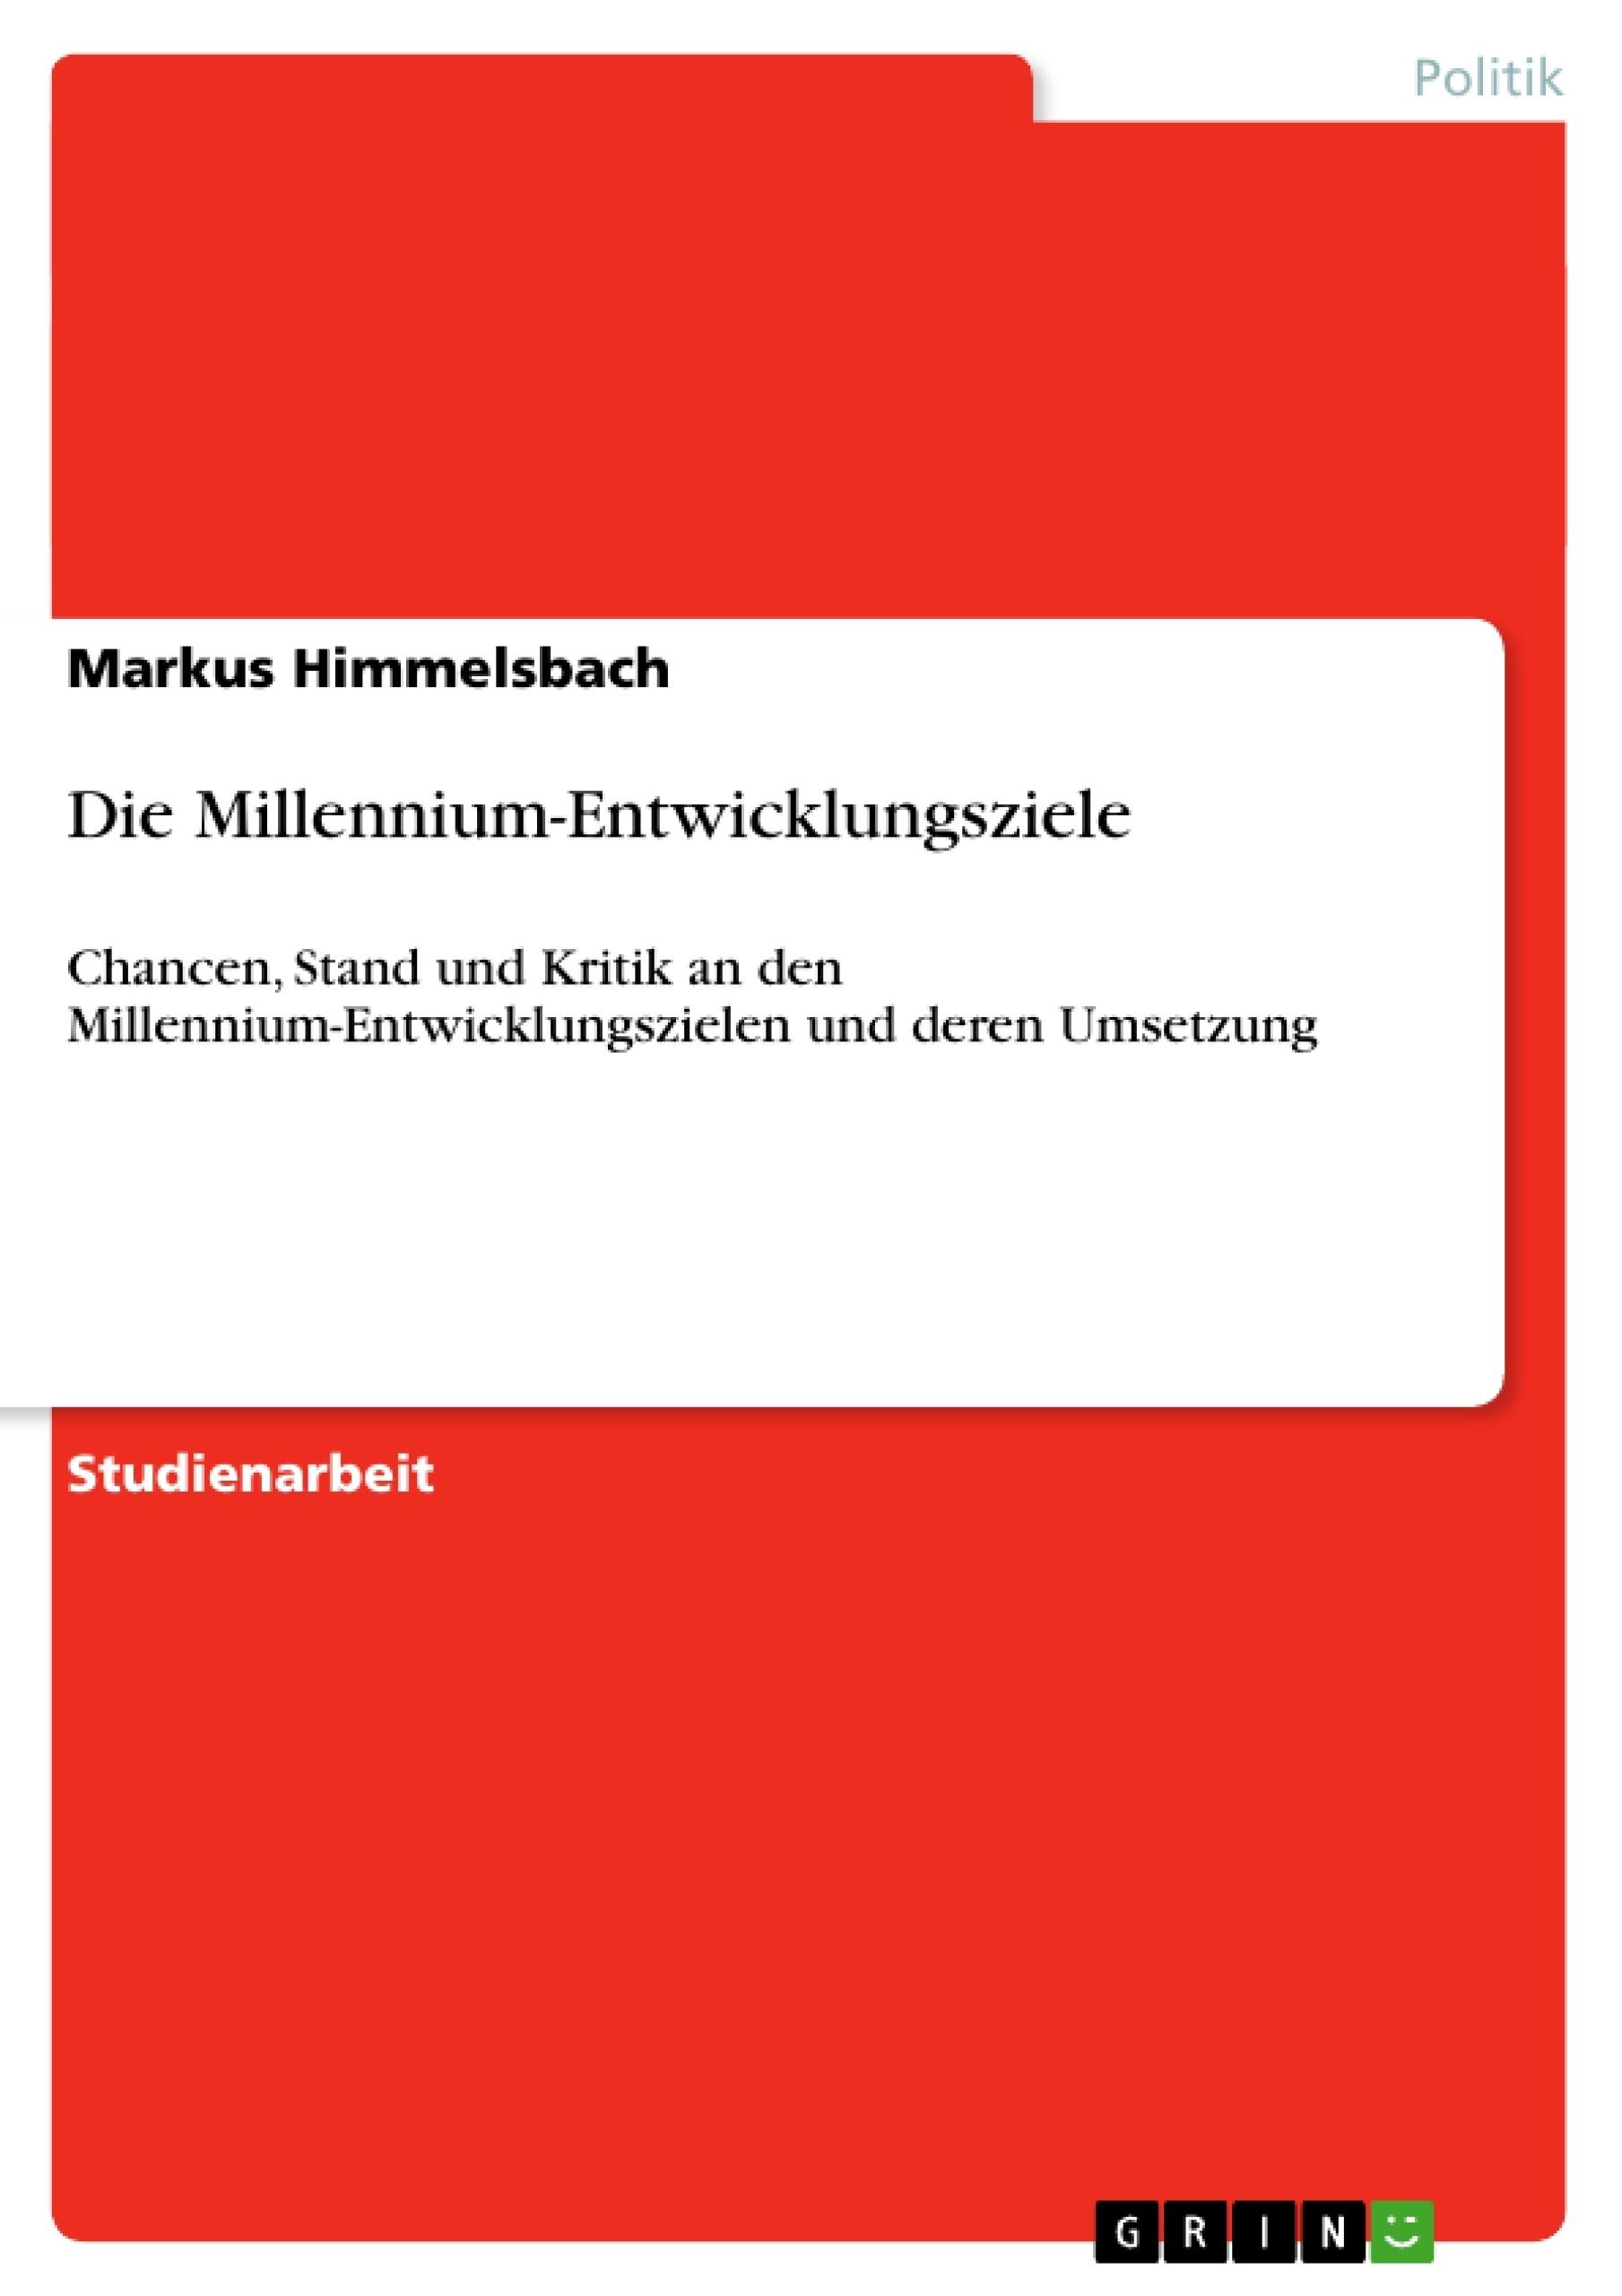 Titel: Die Millennium-Entwicklungsziele